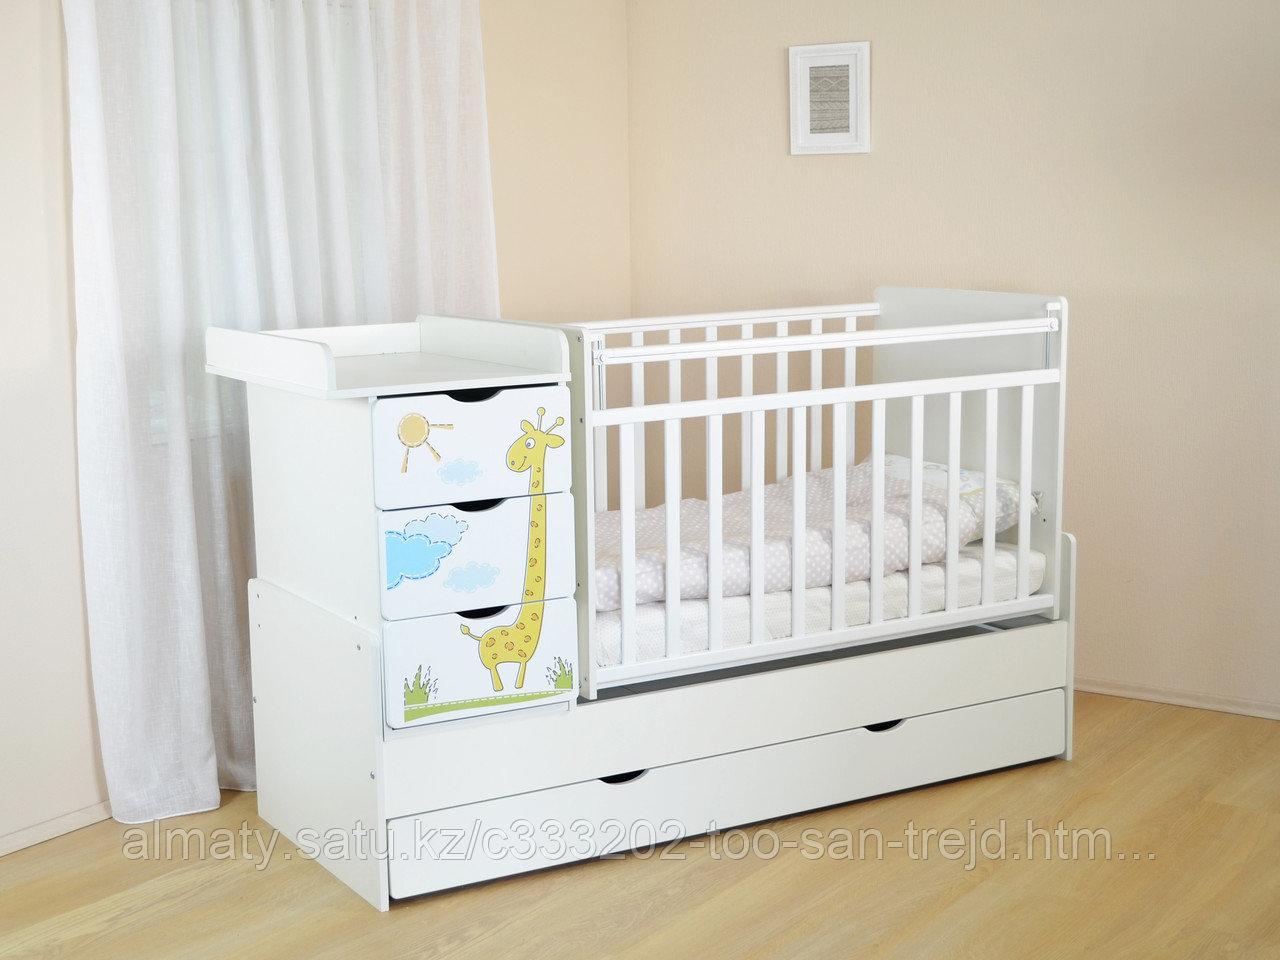 Детская кровать трансформер СКВ-5 Жираф  фотопечать,боковой маятник,4ящика,цвет белый.